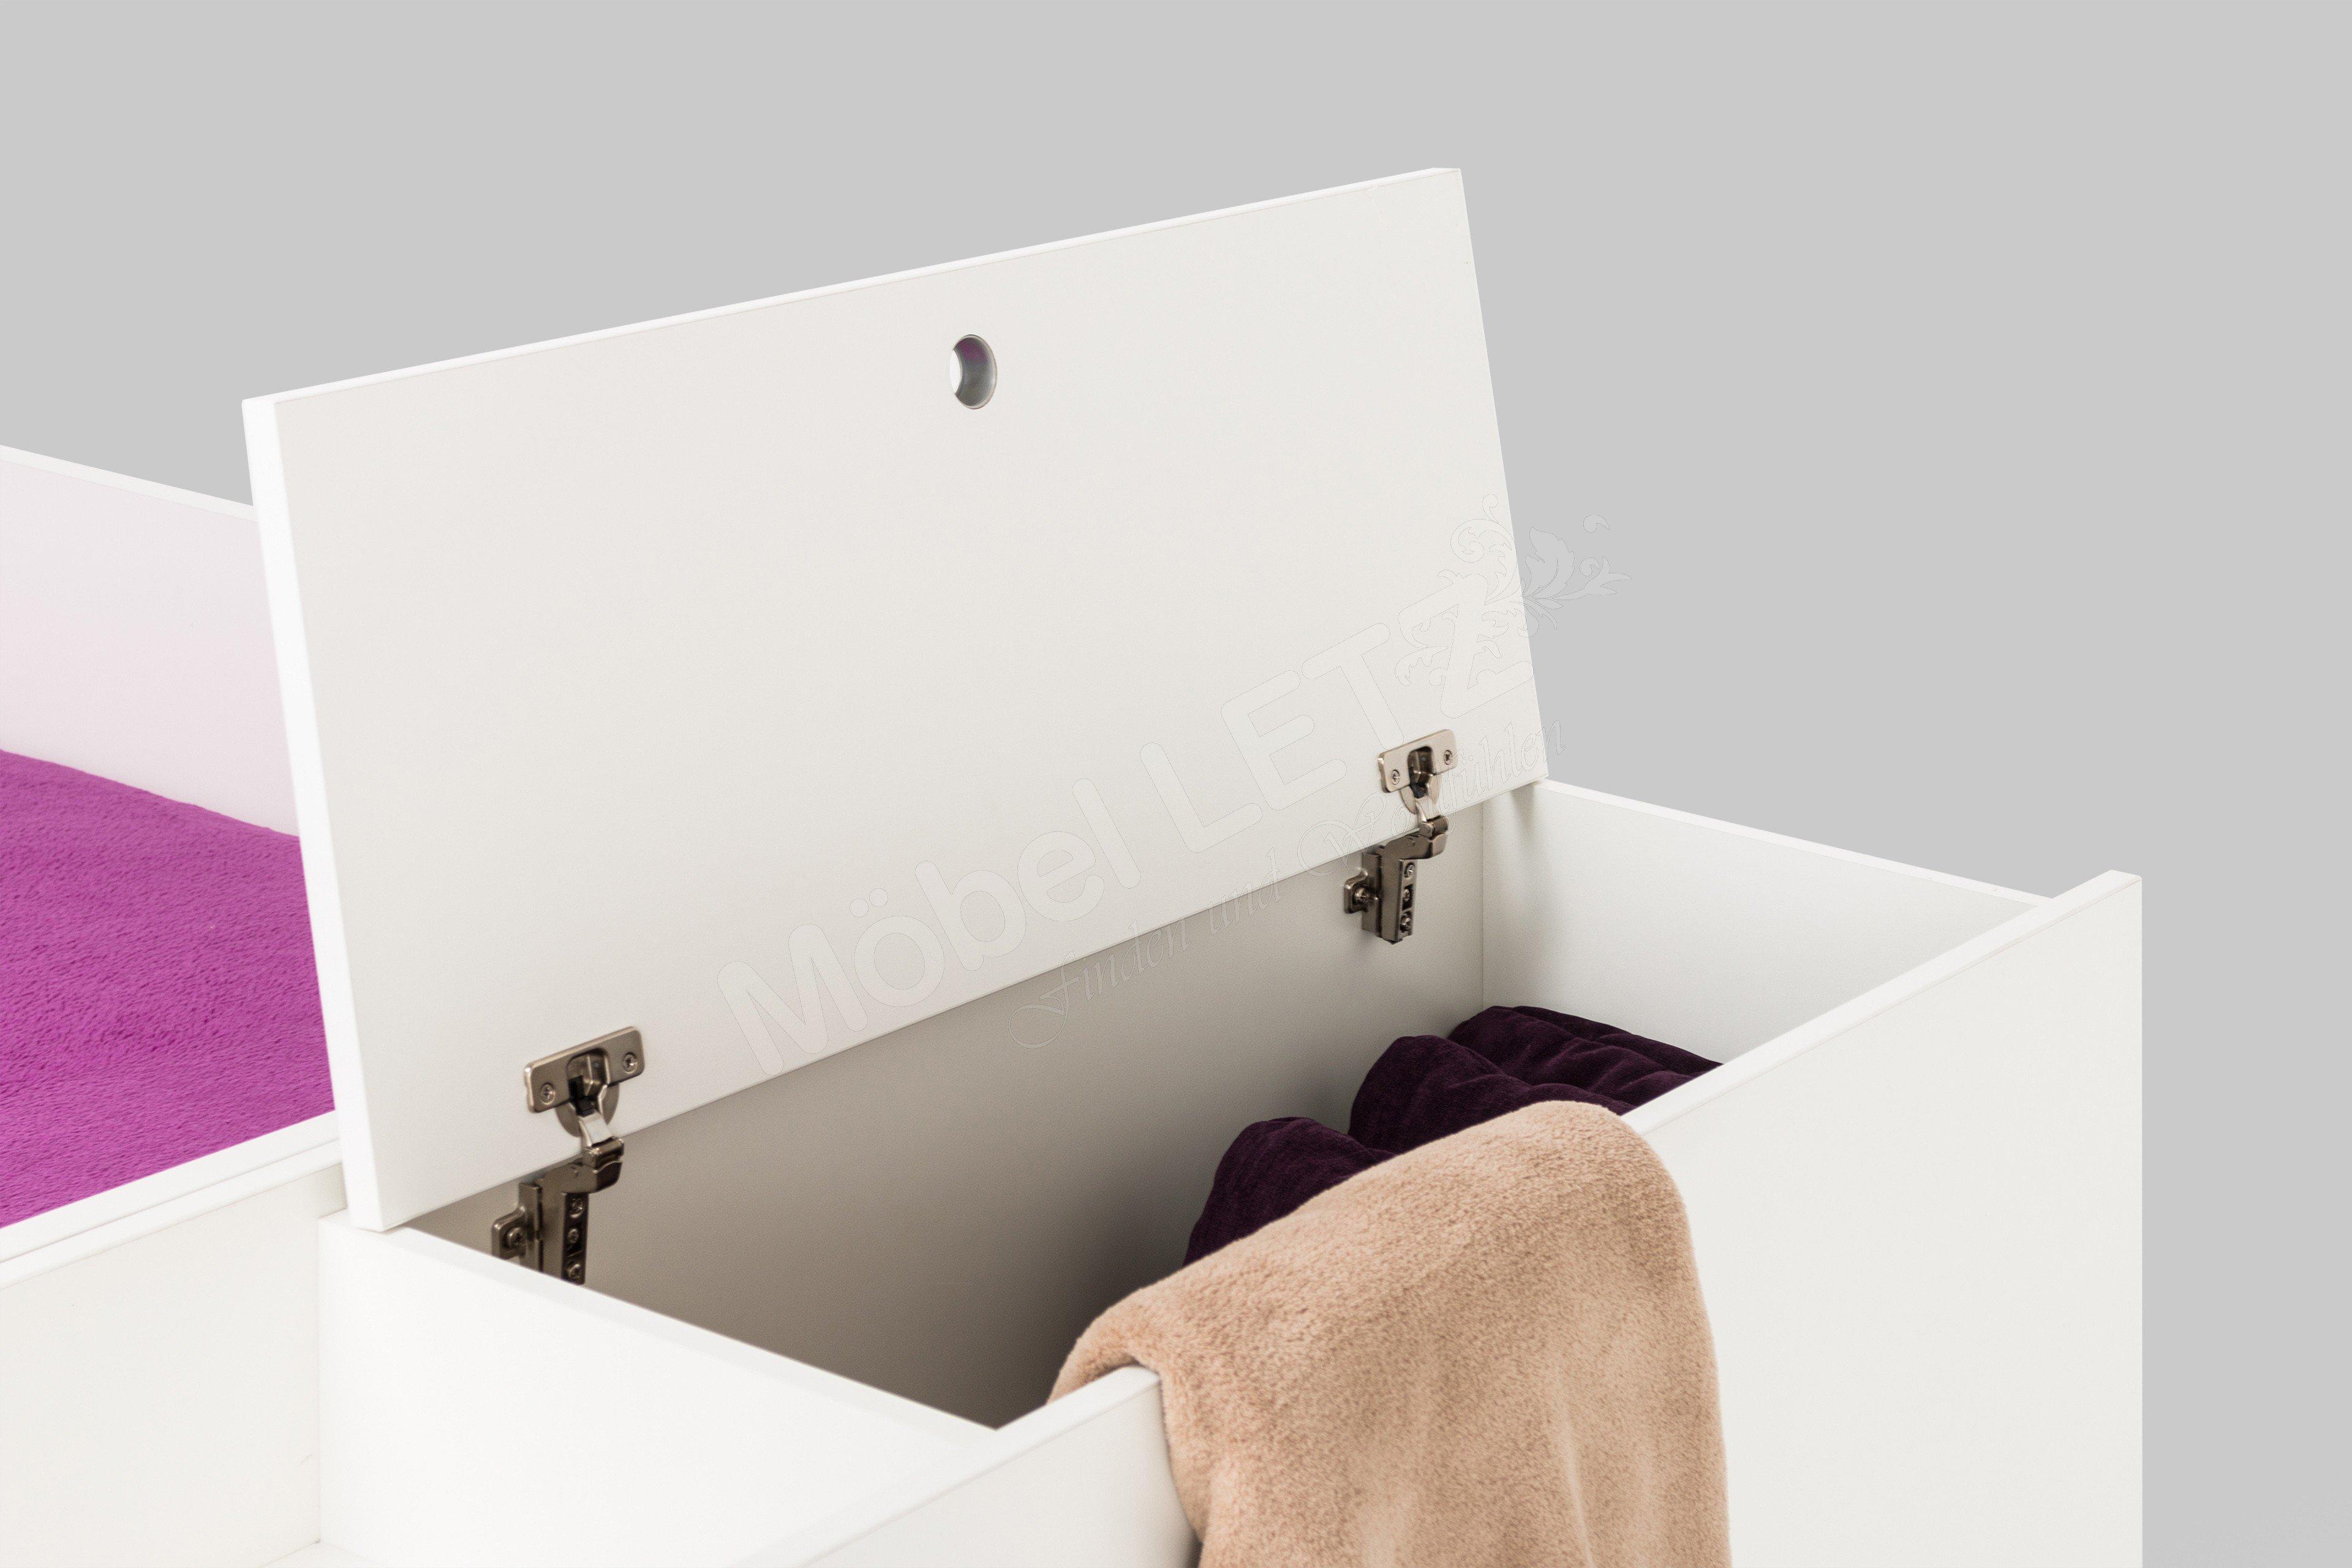 unlimited kojenliege von welle wei anthrazit m bel letz ihr online shop. Black Bedroom Furniture Sets. Home Design Ideas